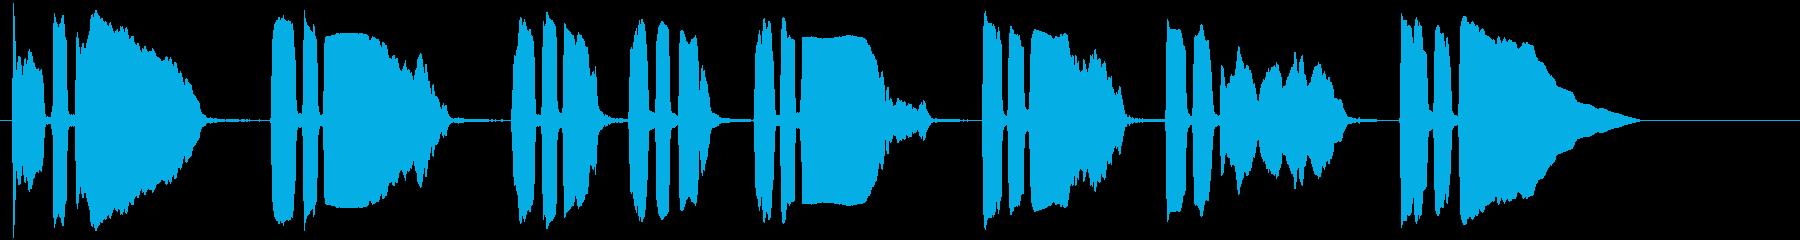 トランペットビューグルコール(サワ...の再生済みの波形